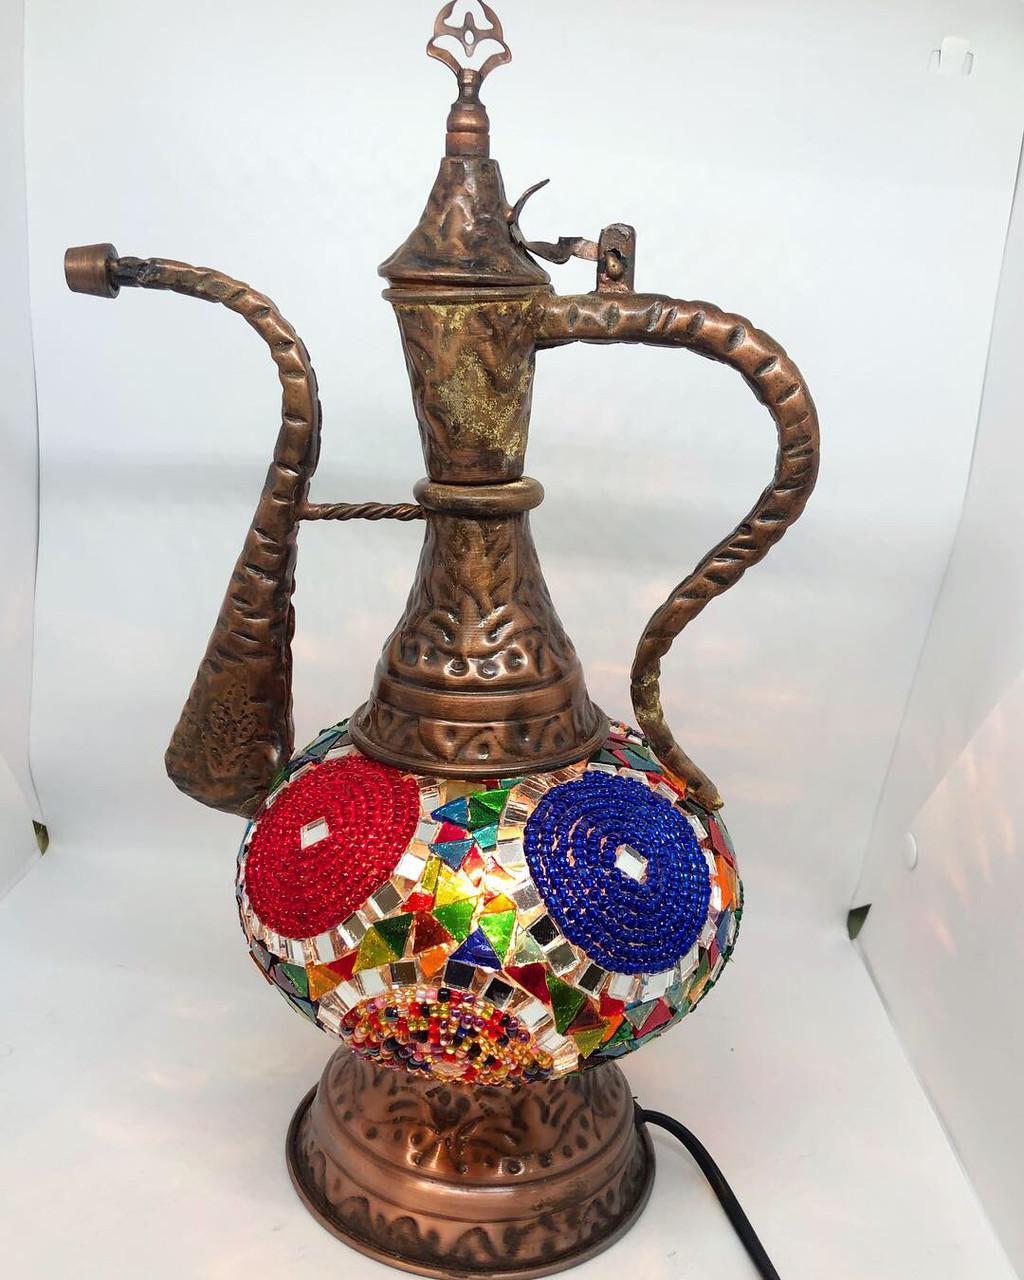 Настольный турецкий светильник лампа Алладина Sinan из мозаики ручной работы цветной